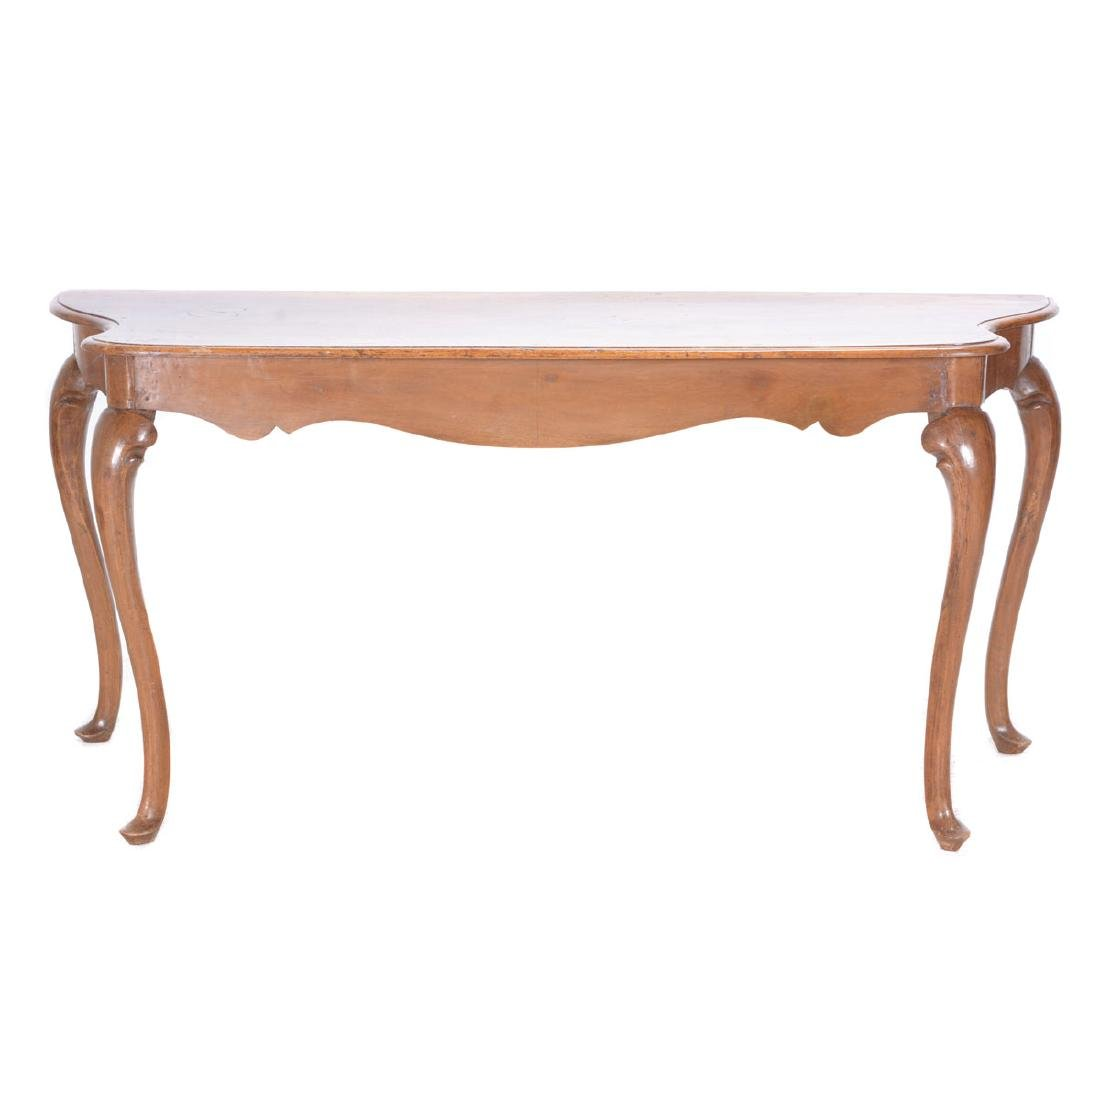 Italian Rococo Walnut Scalloped Edge Console Table